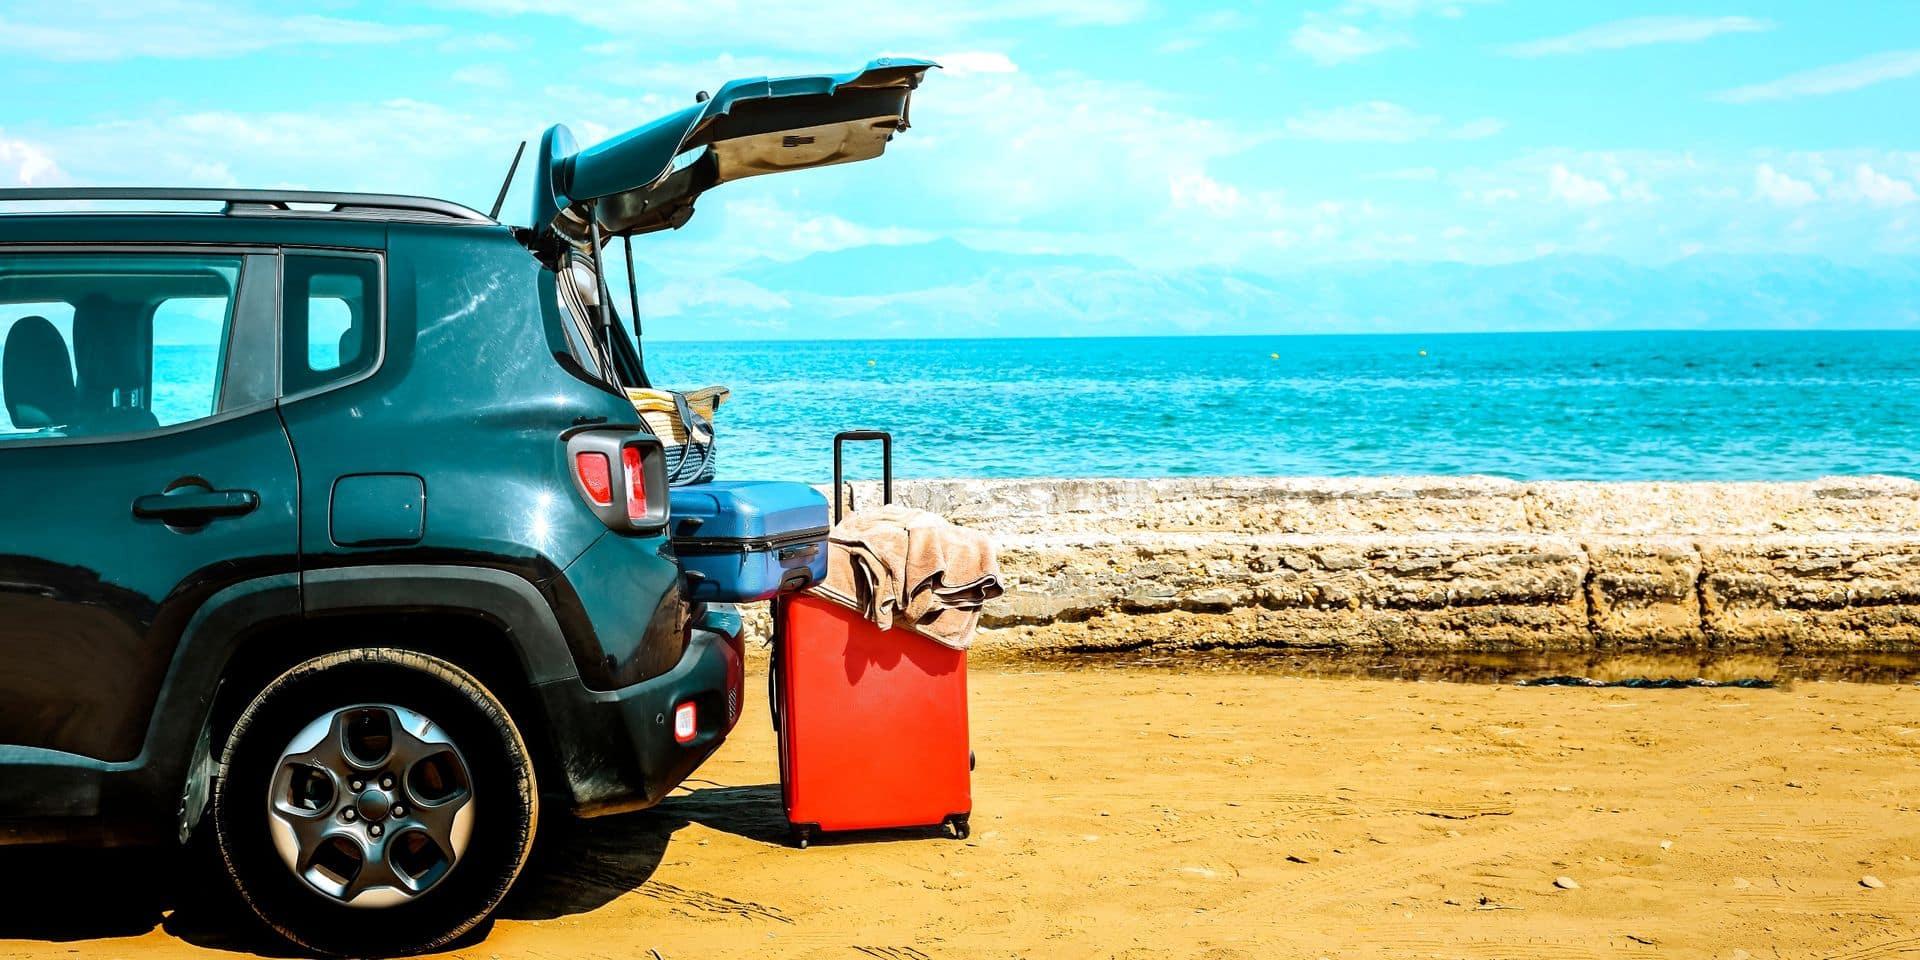 Les Belges optent pour des vacances en voiture cette année